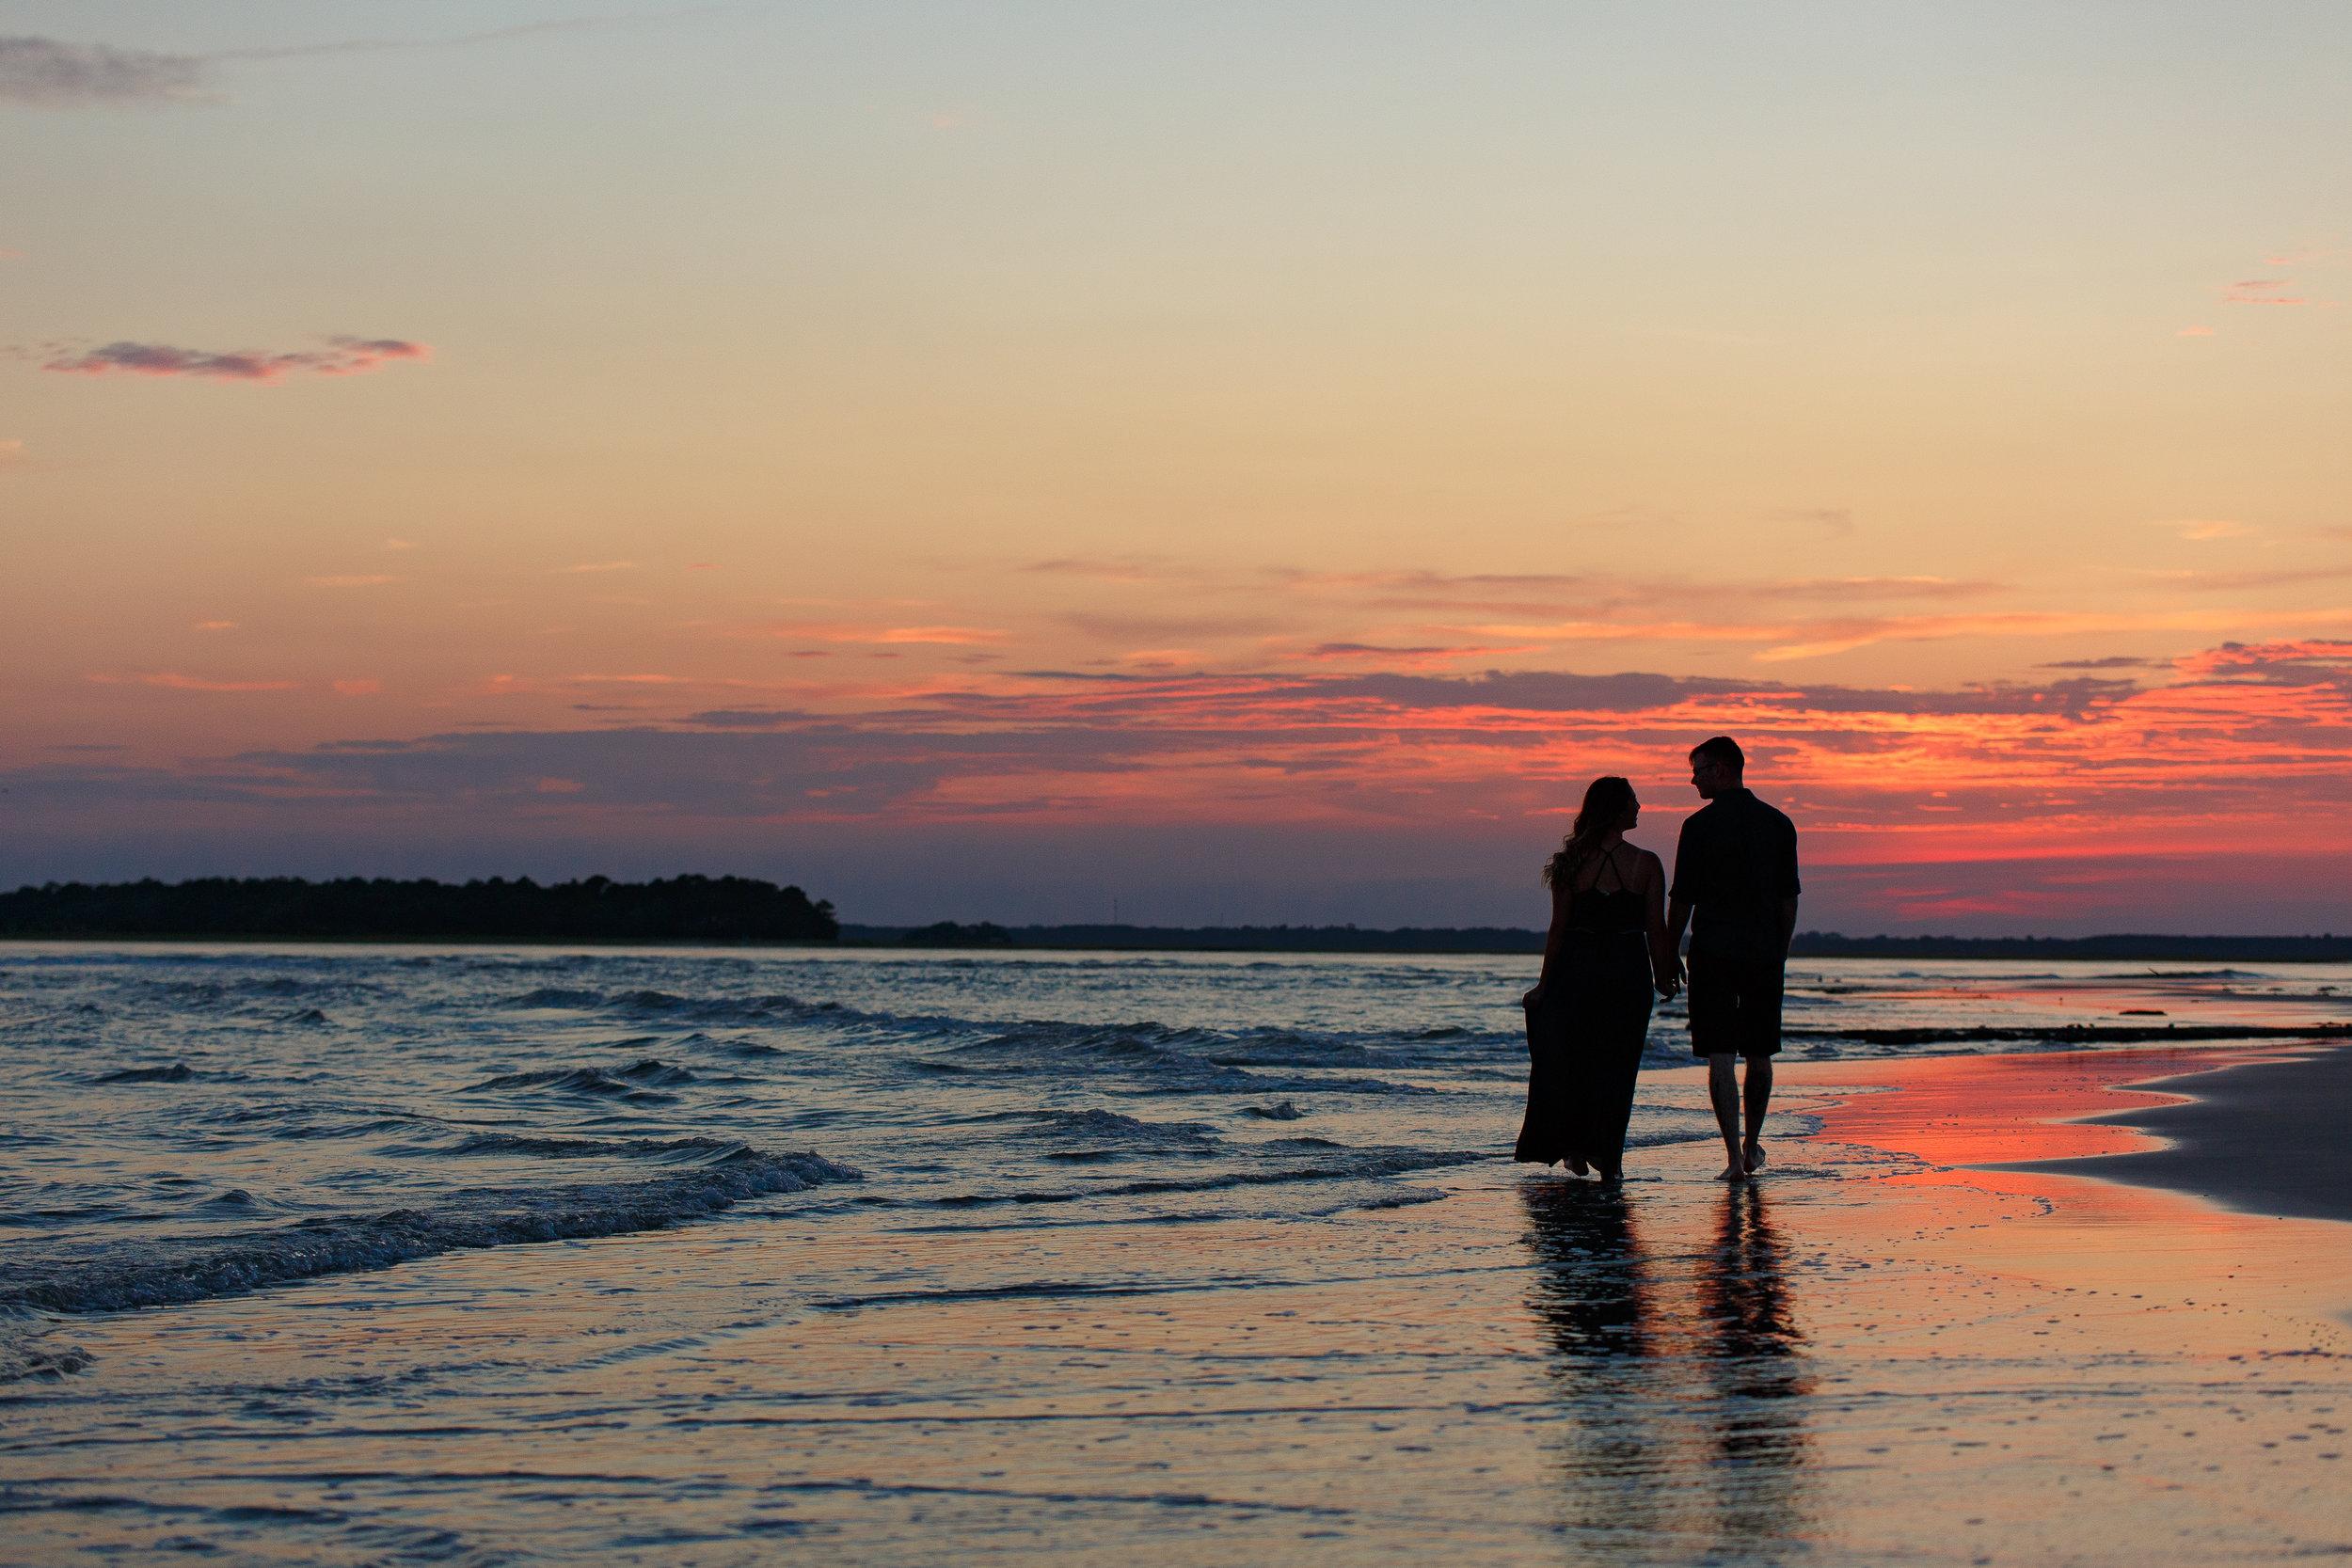 Couple at Sunset on Beach